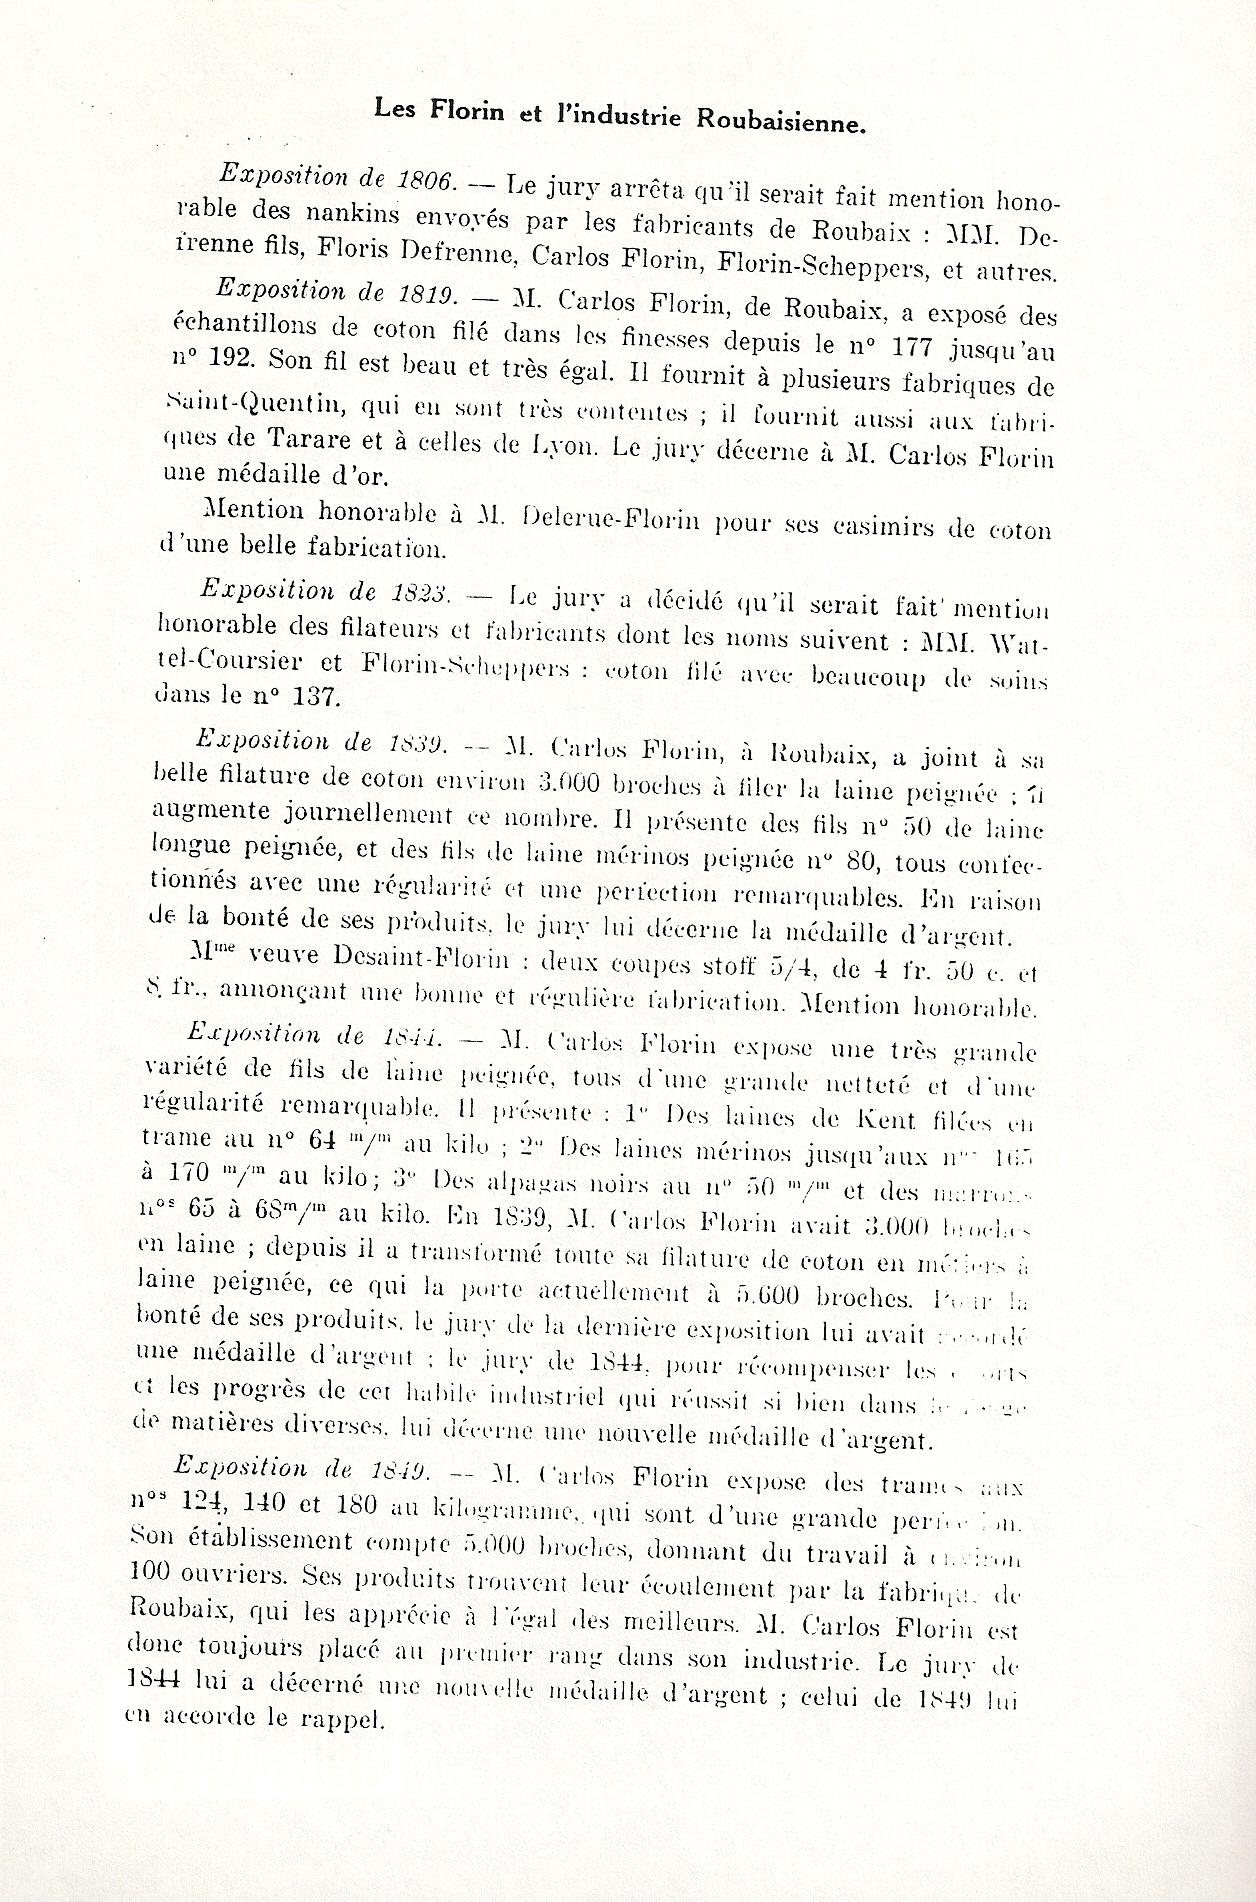 prouvost-florin-succession-2